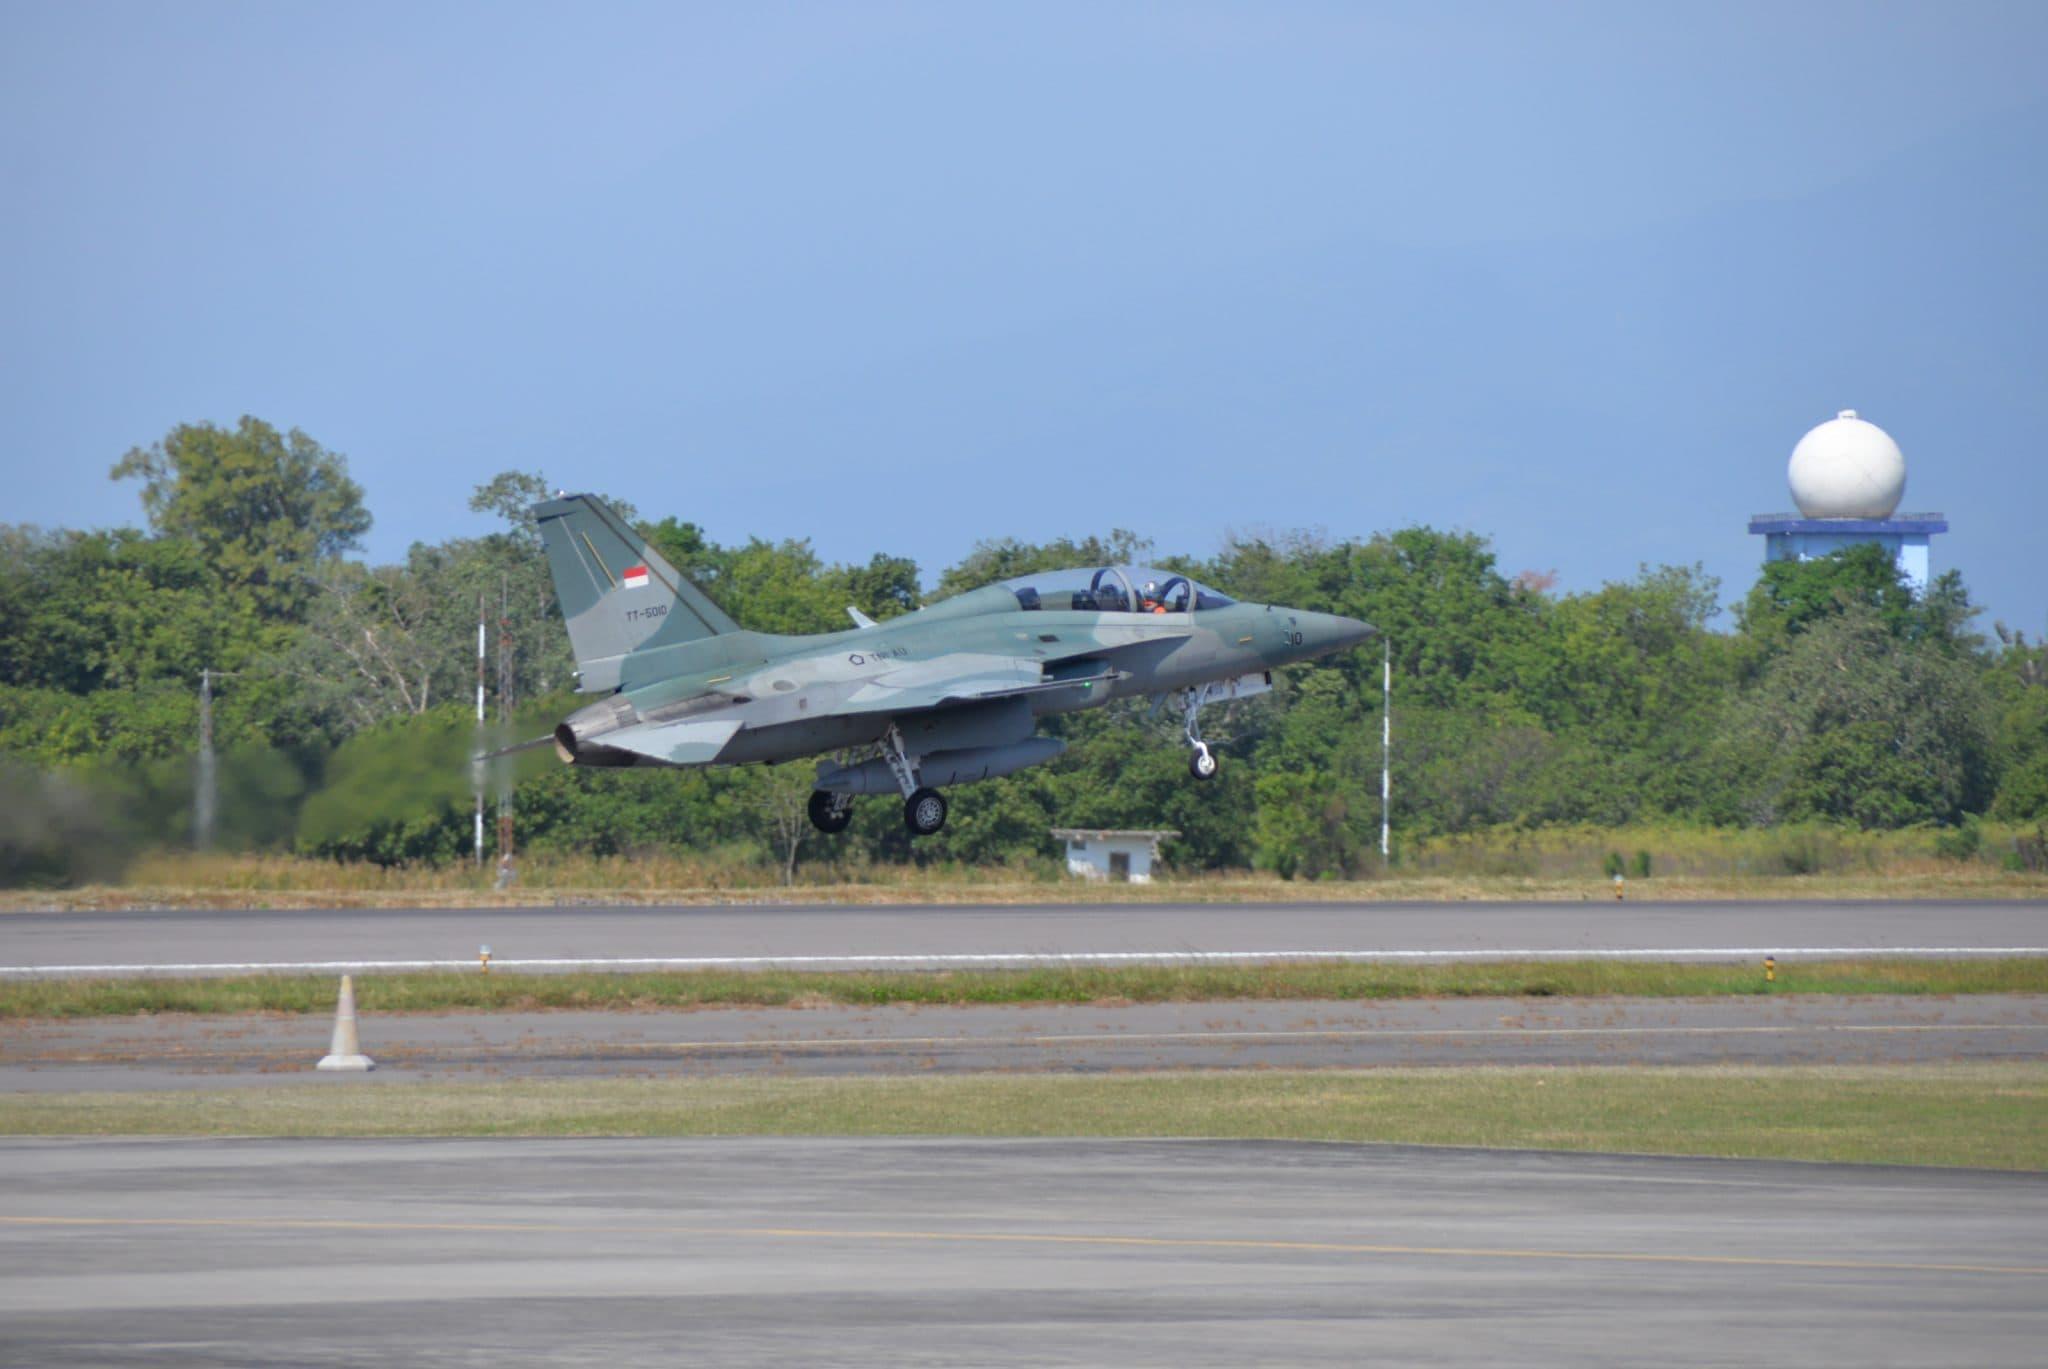 4 PESAWAT F 16 DAN 4 PESAWAT T50i LATIHAN PERANG UDARA